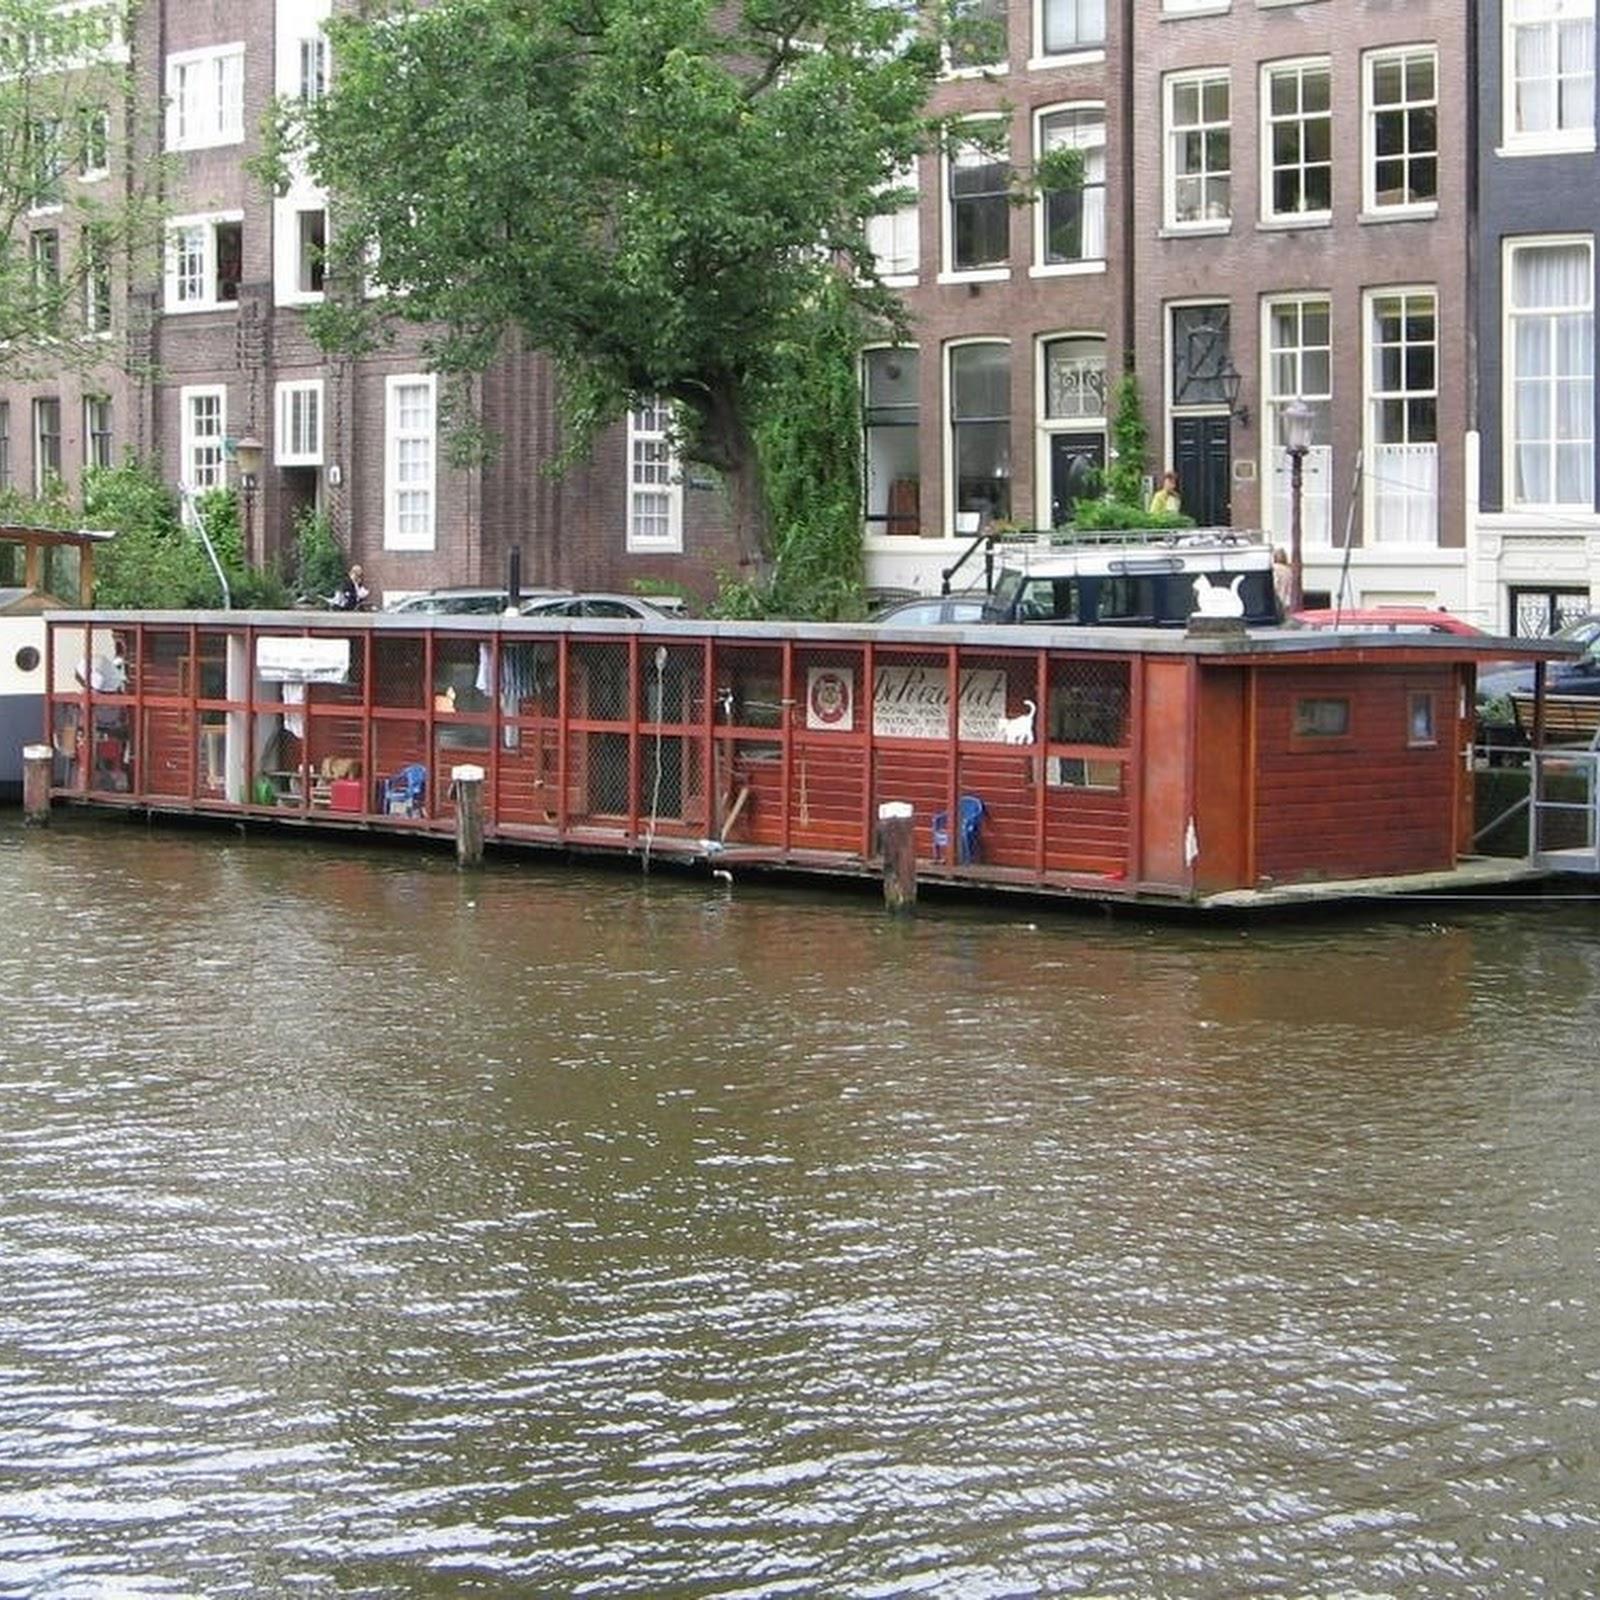 De Poezenboot: Amsterdam's Cat Boat